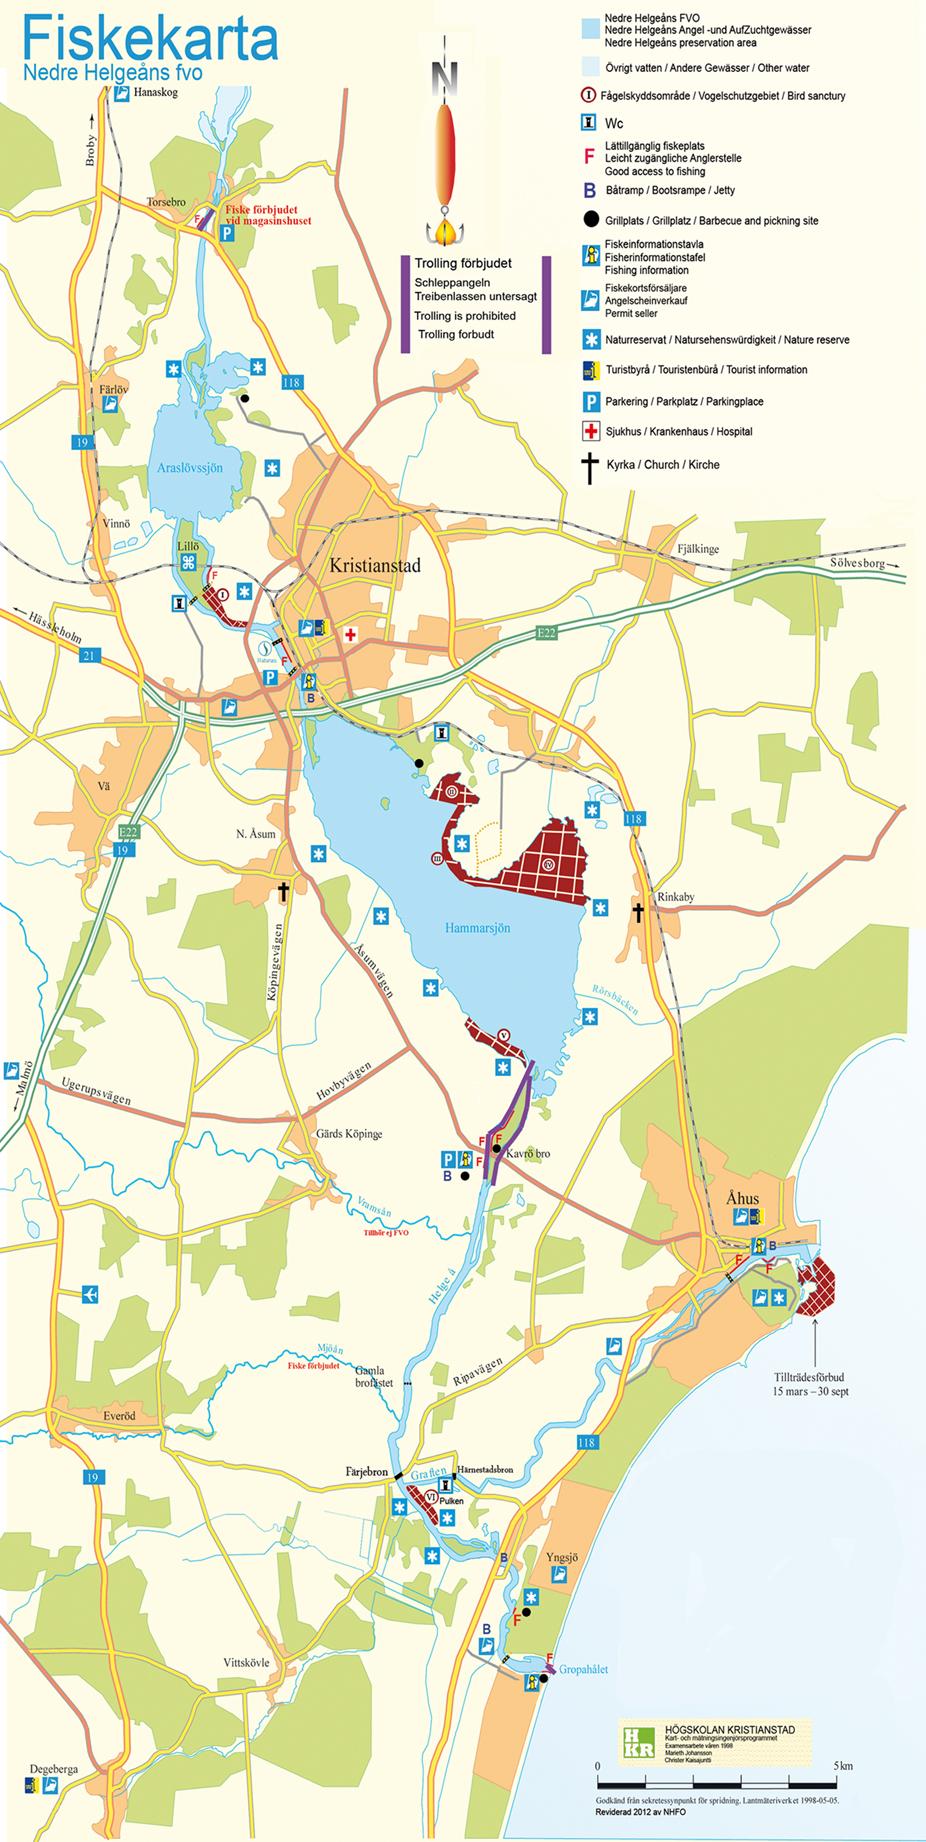 Karta över fiskevårdområdet